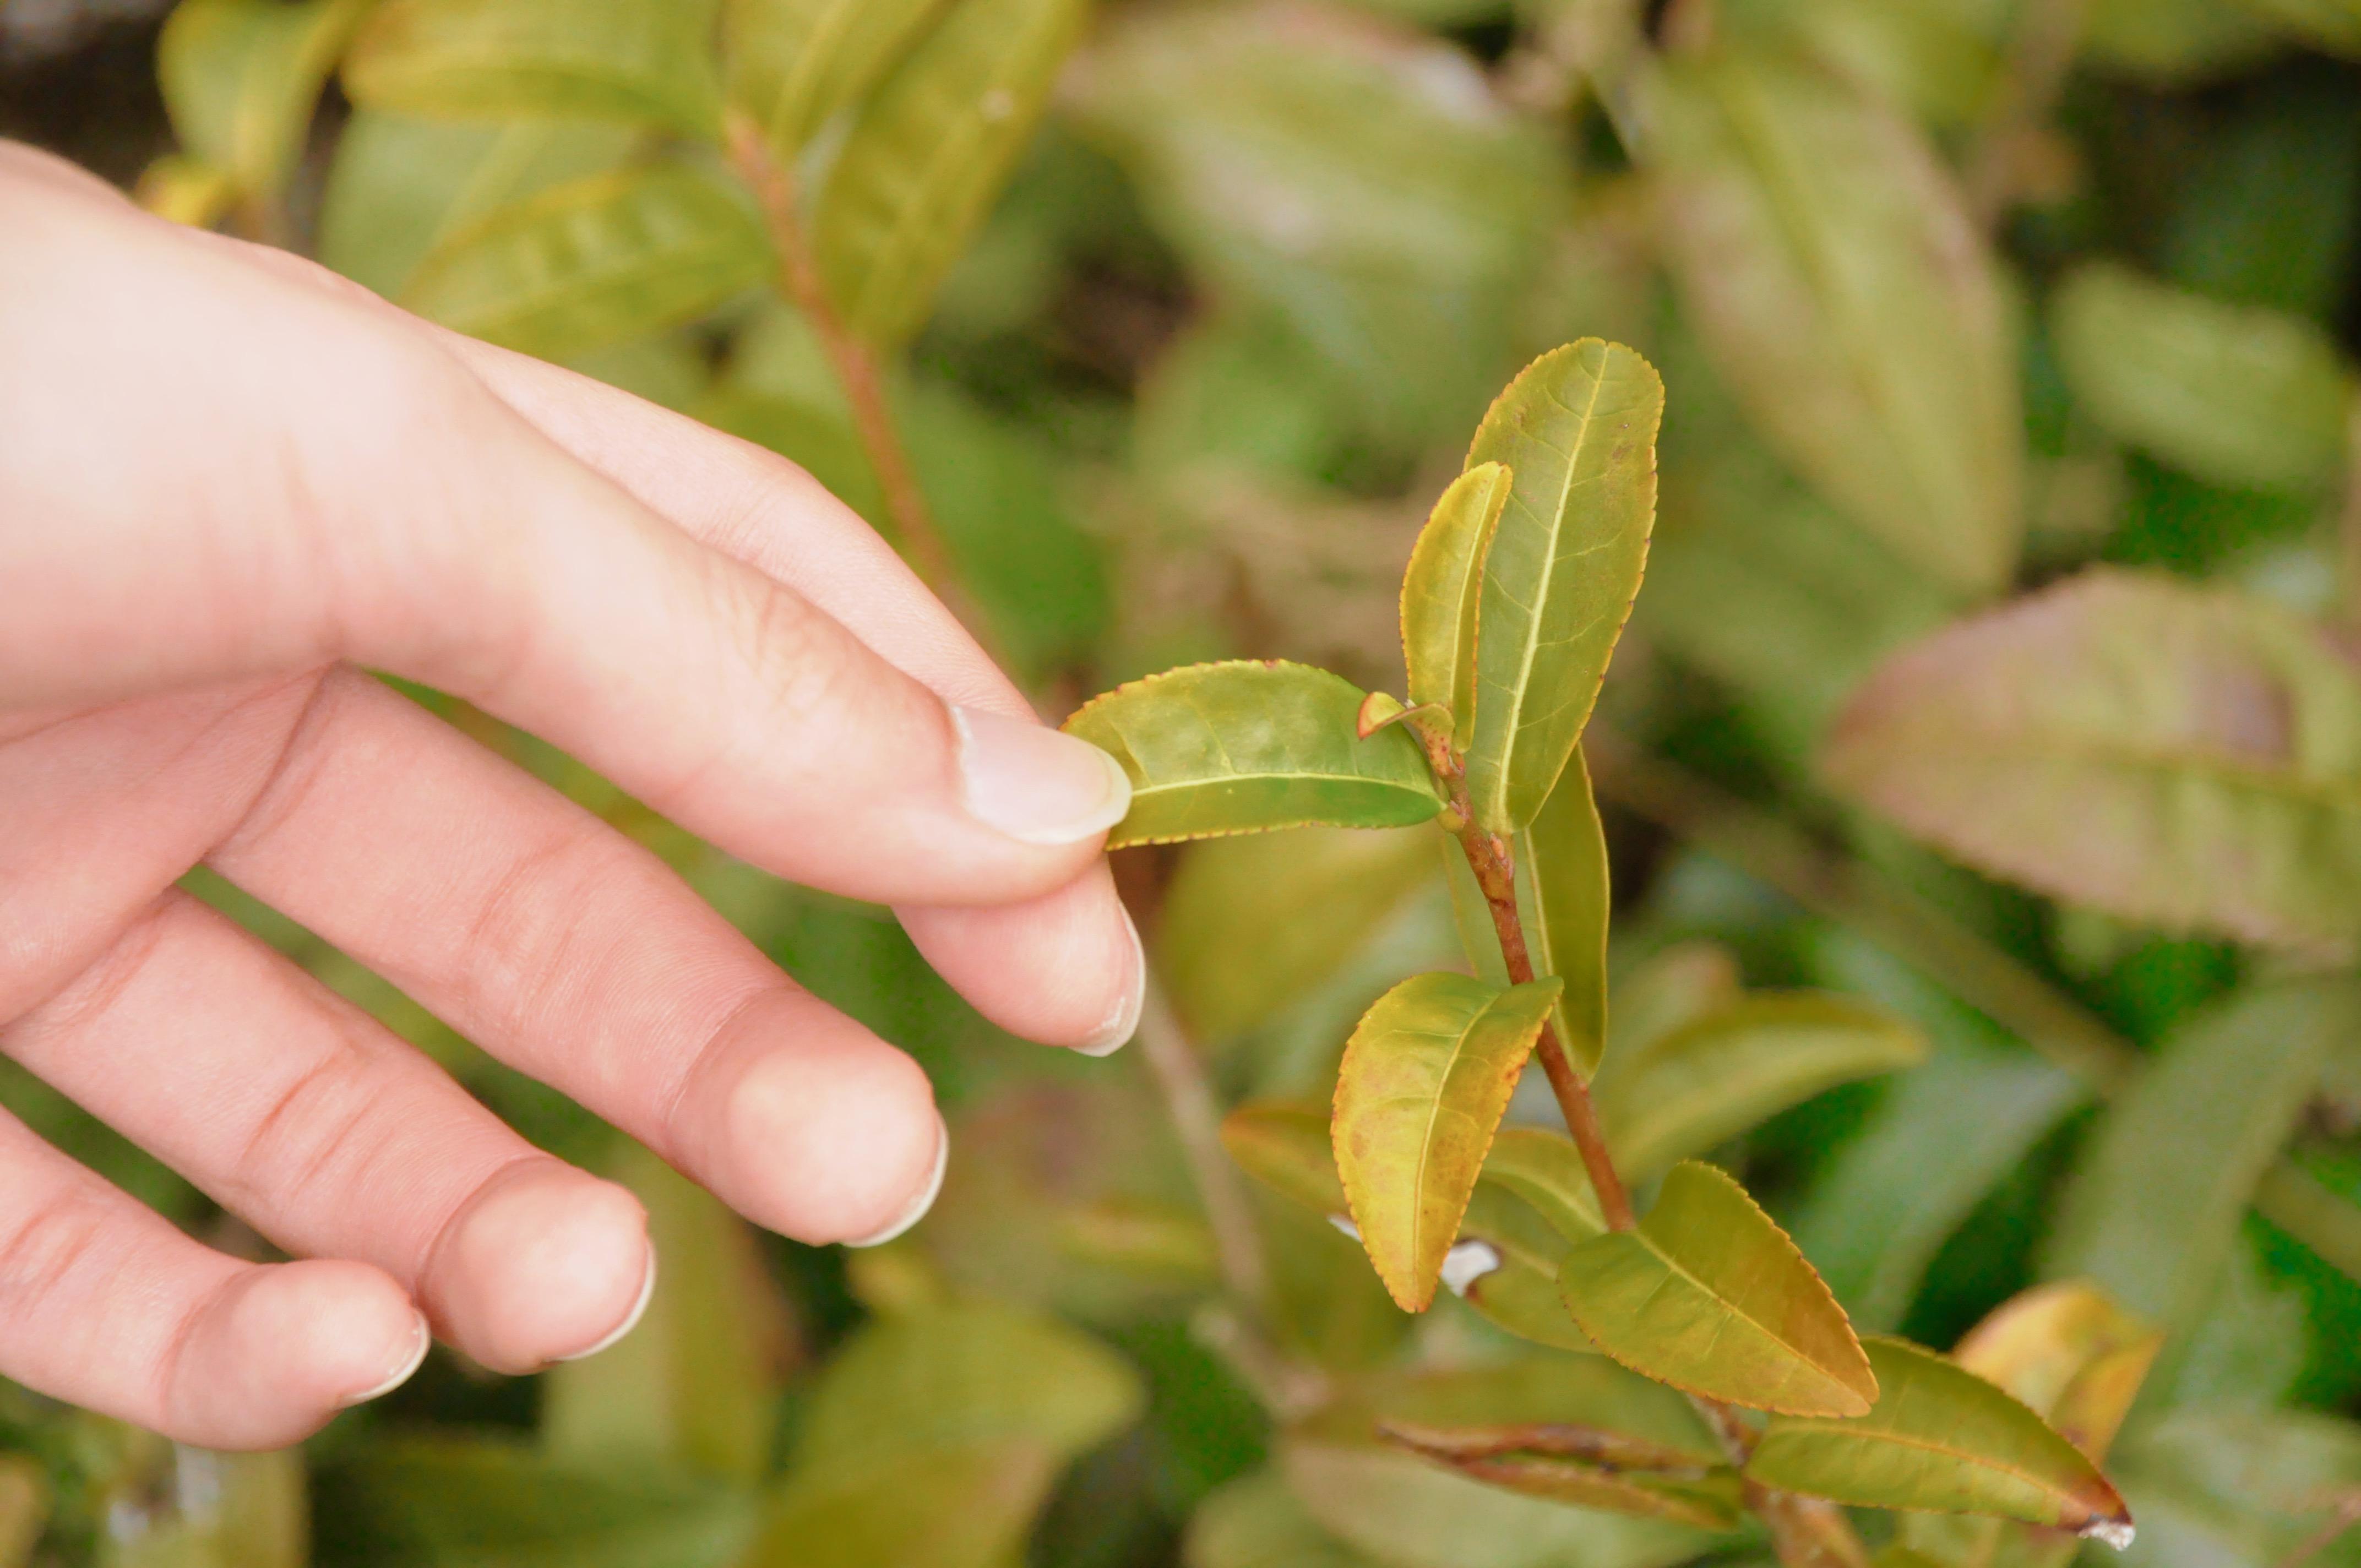 今年もお茶の季節が到来!お茶の価値観が変わる体験、岐阜県東白川村に行ってきた - DSC 0894